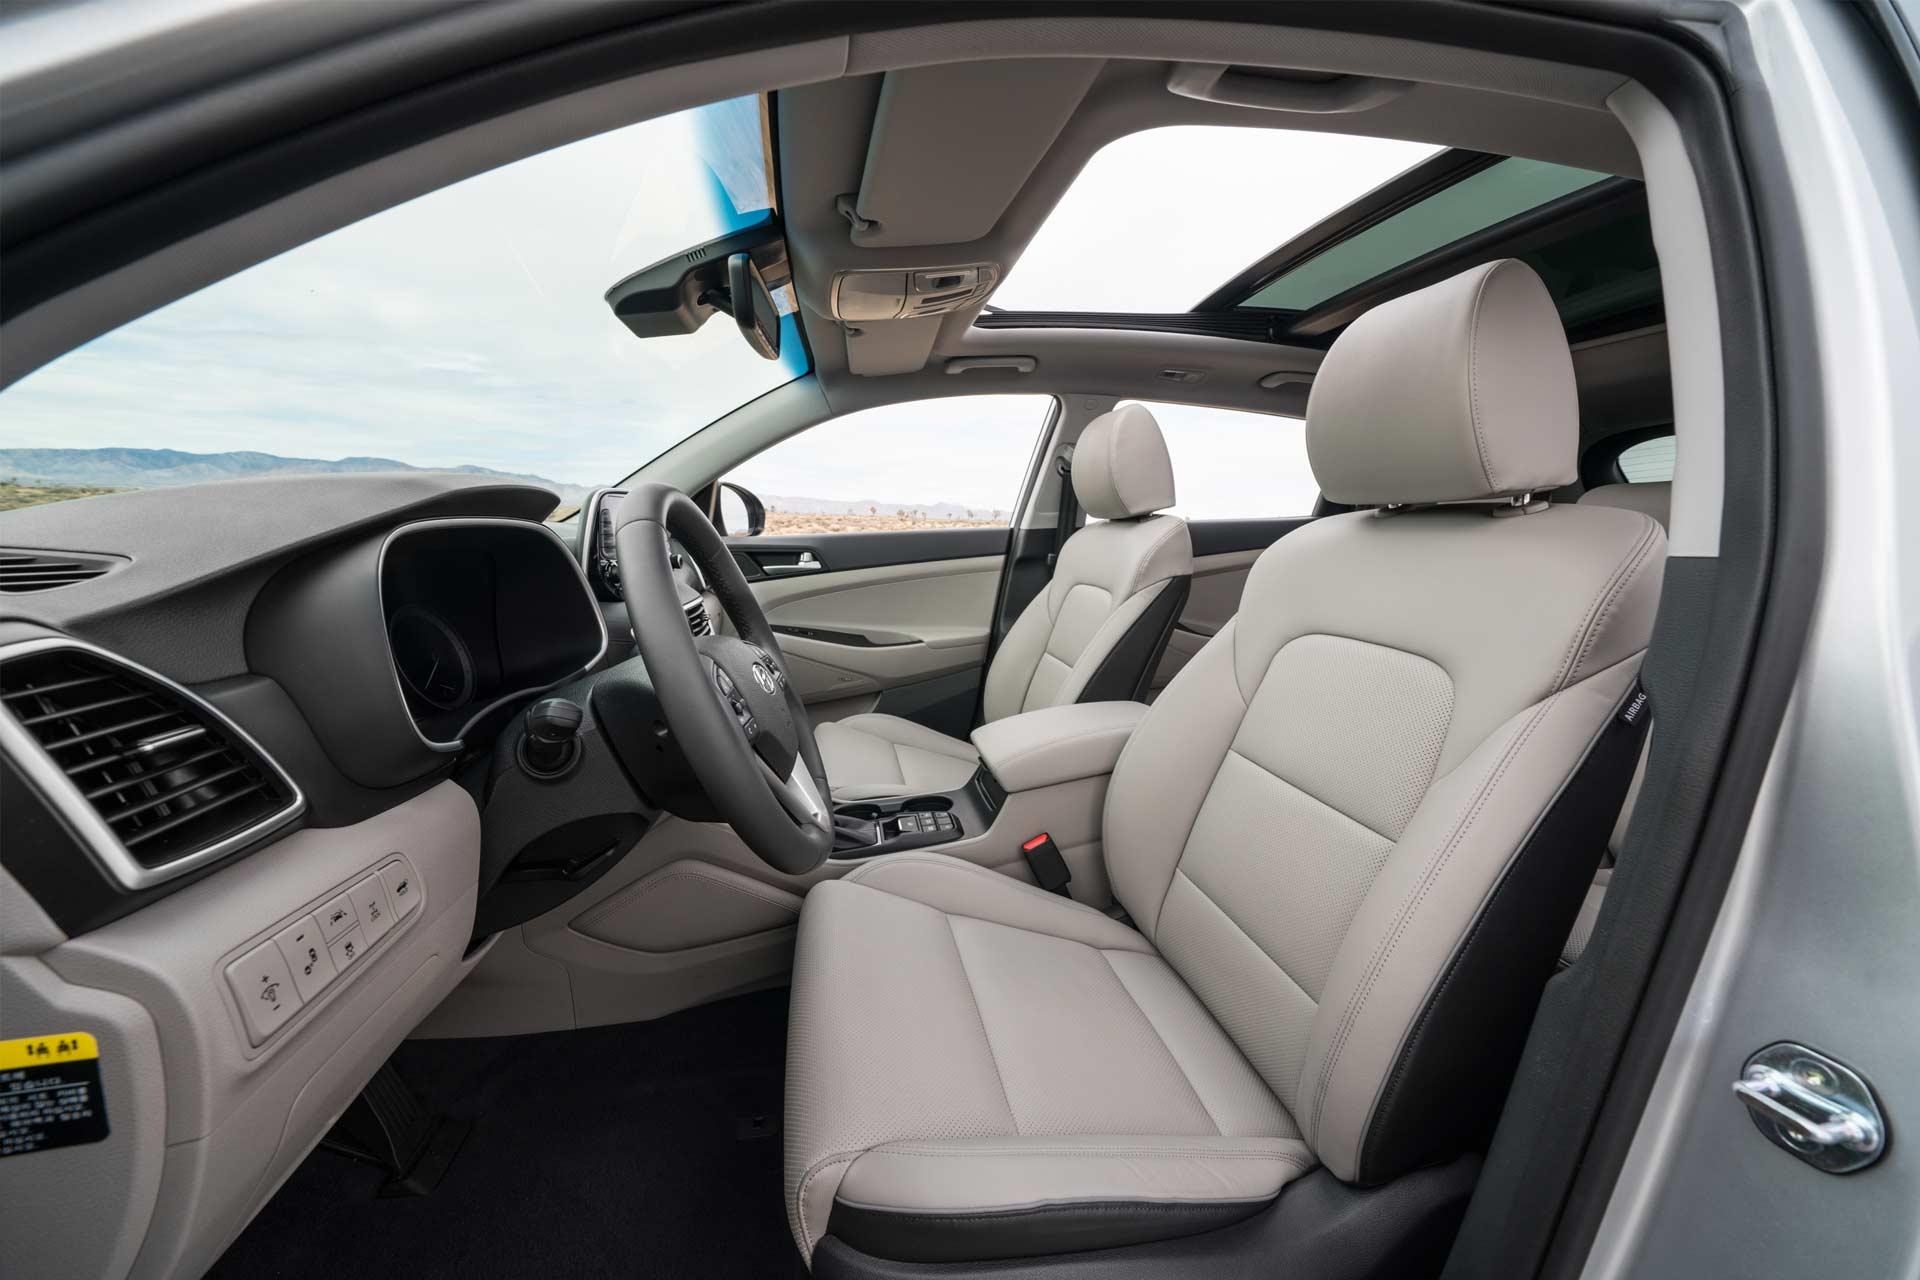 2019-Hyundai-Tucson-interior_2